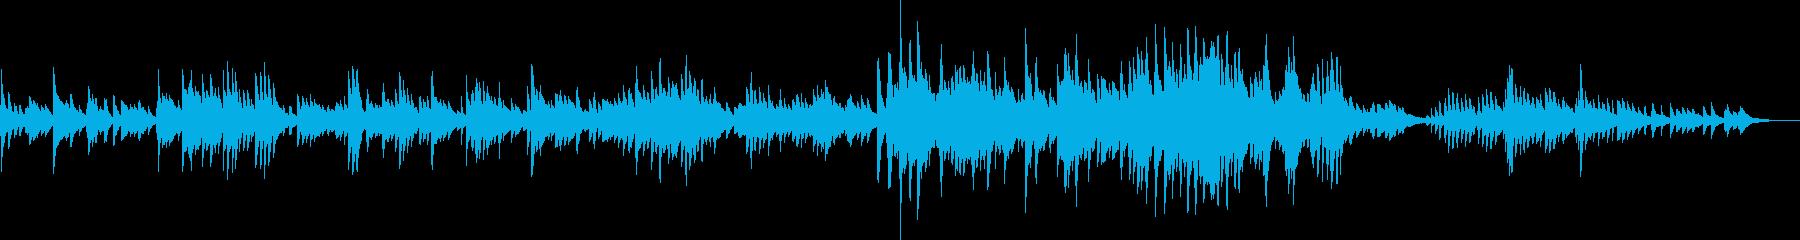 決別の時(ピアノソロ・切ない・決意)の再生済みの波形